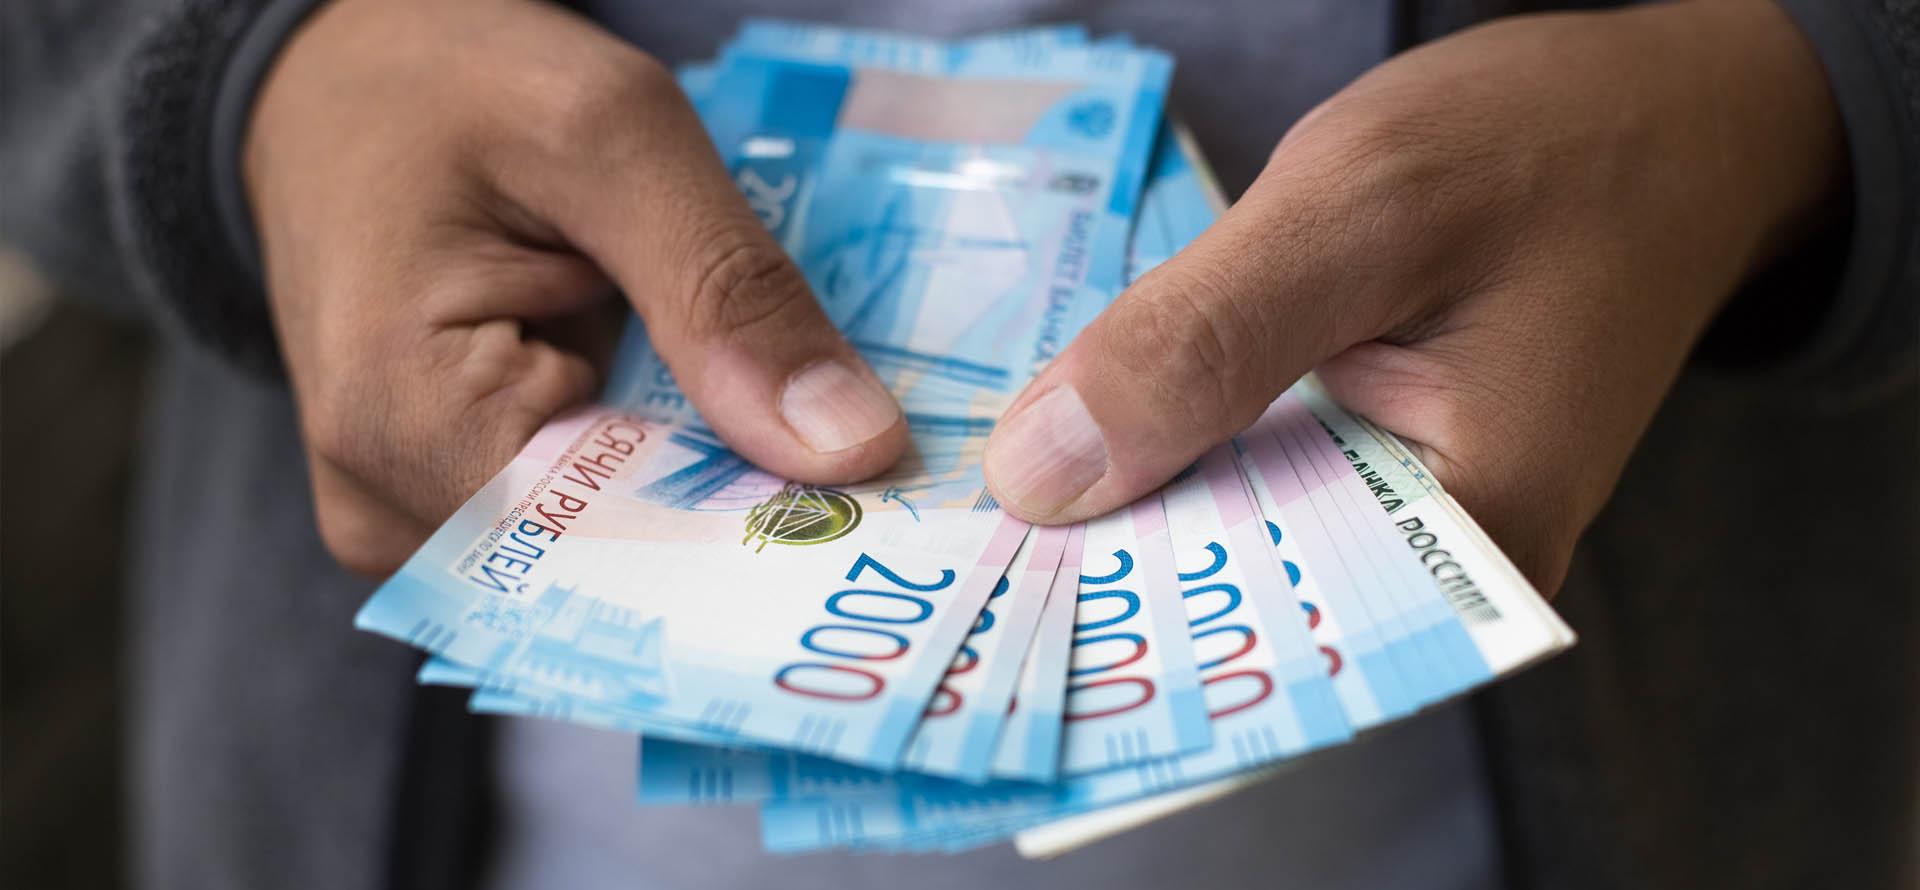 Вебинар: Деньги не пойдут в конфликт